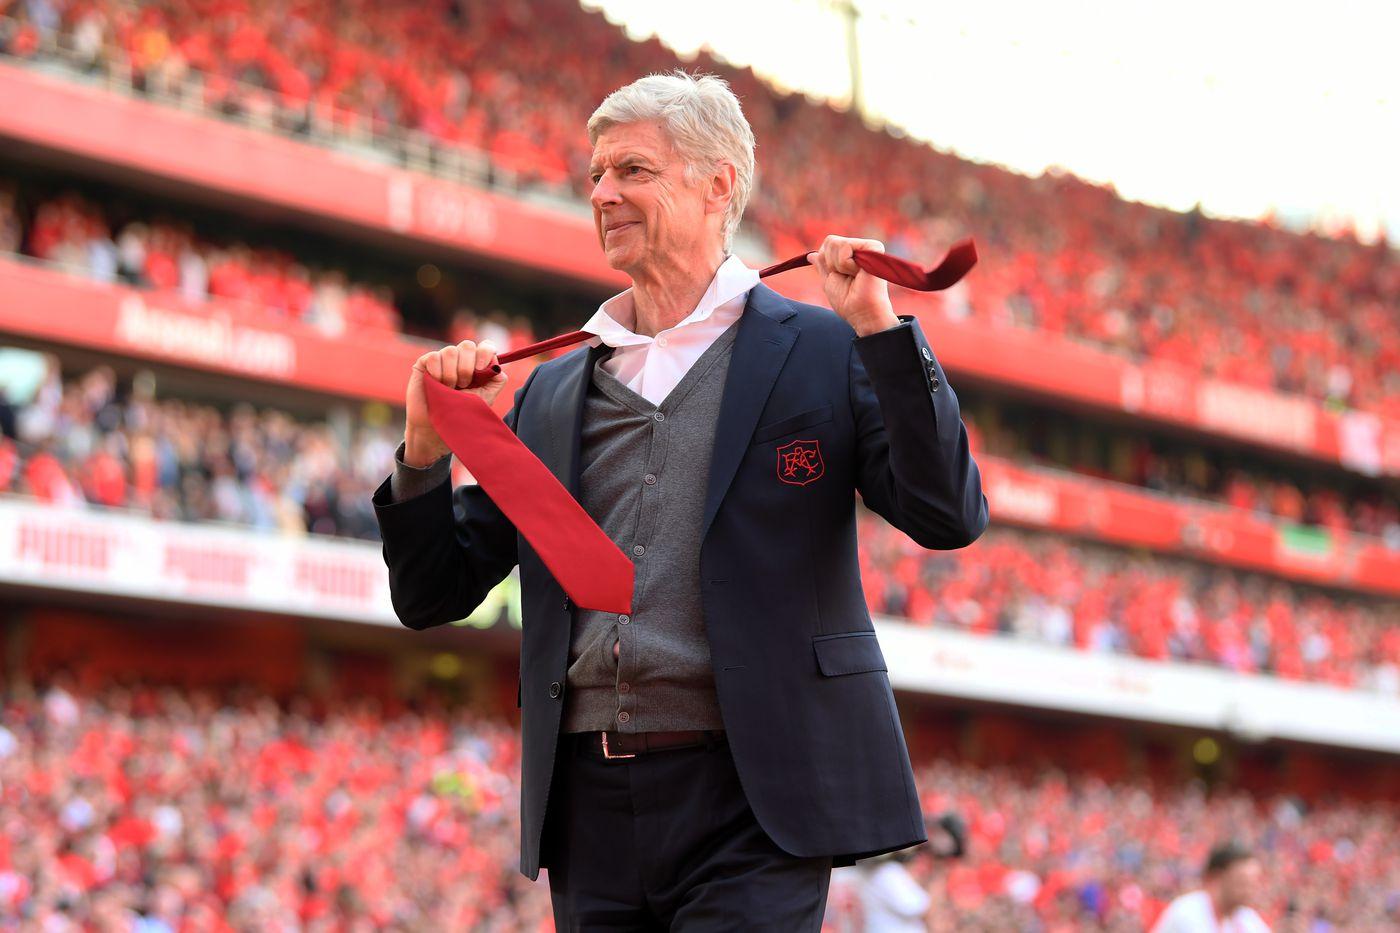 Cựu huấn luyện viên huyền thoại của Arsenal, Arsene Wenger tin rằng các quy tắc cần được tôn trọng và tuân theo bởi tất cả những người có liên quan